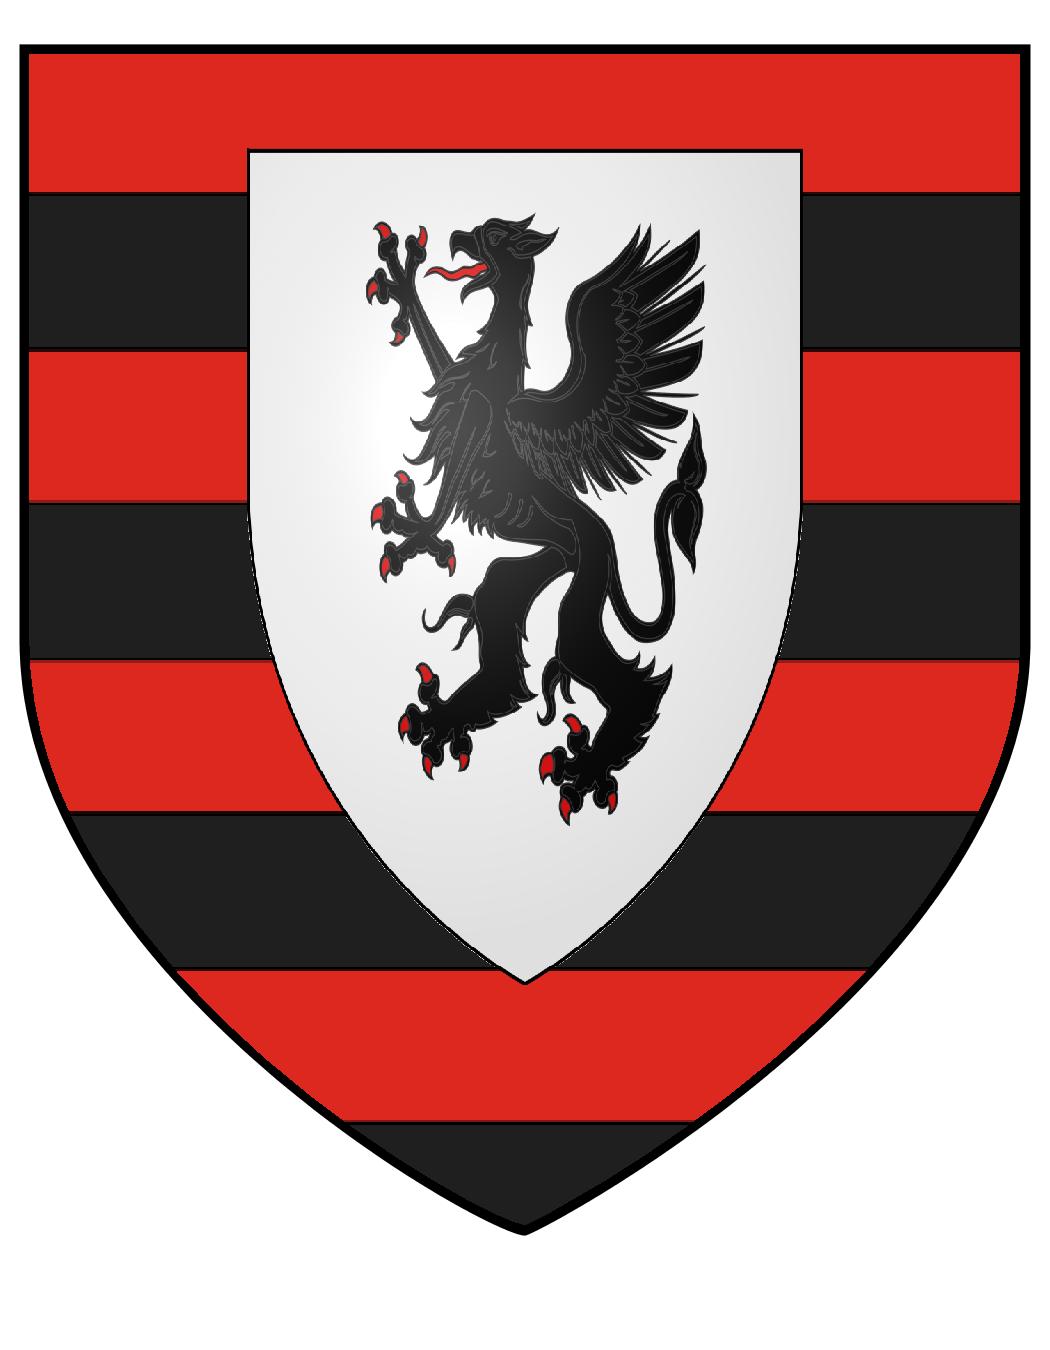 coat_of_arms_Jutas_Arpad.png